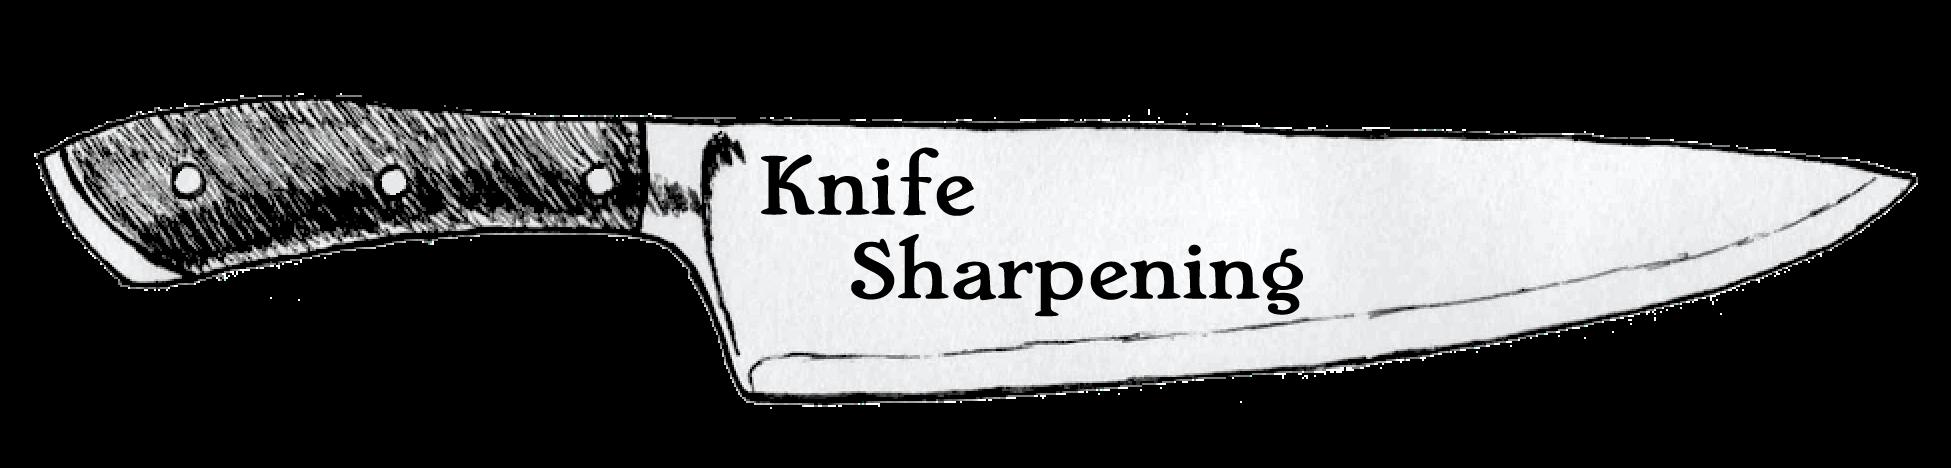 knifesharpening.png